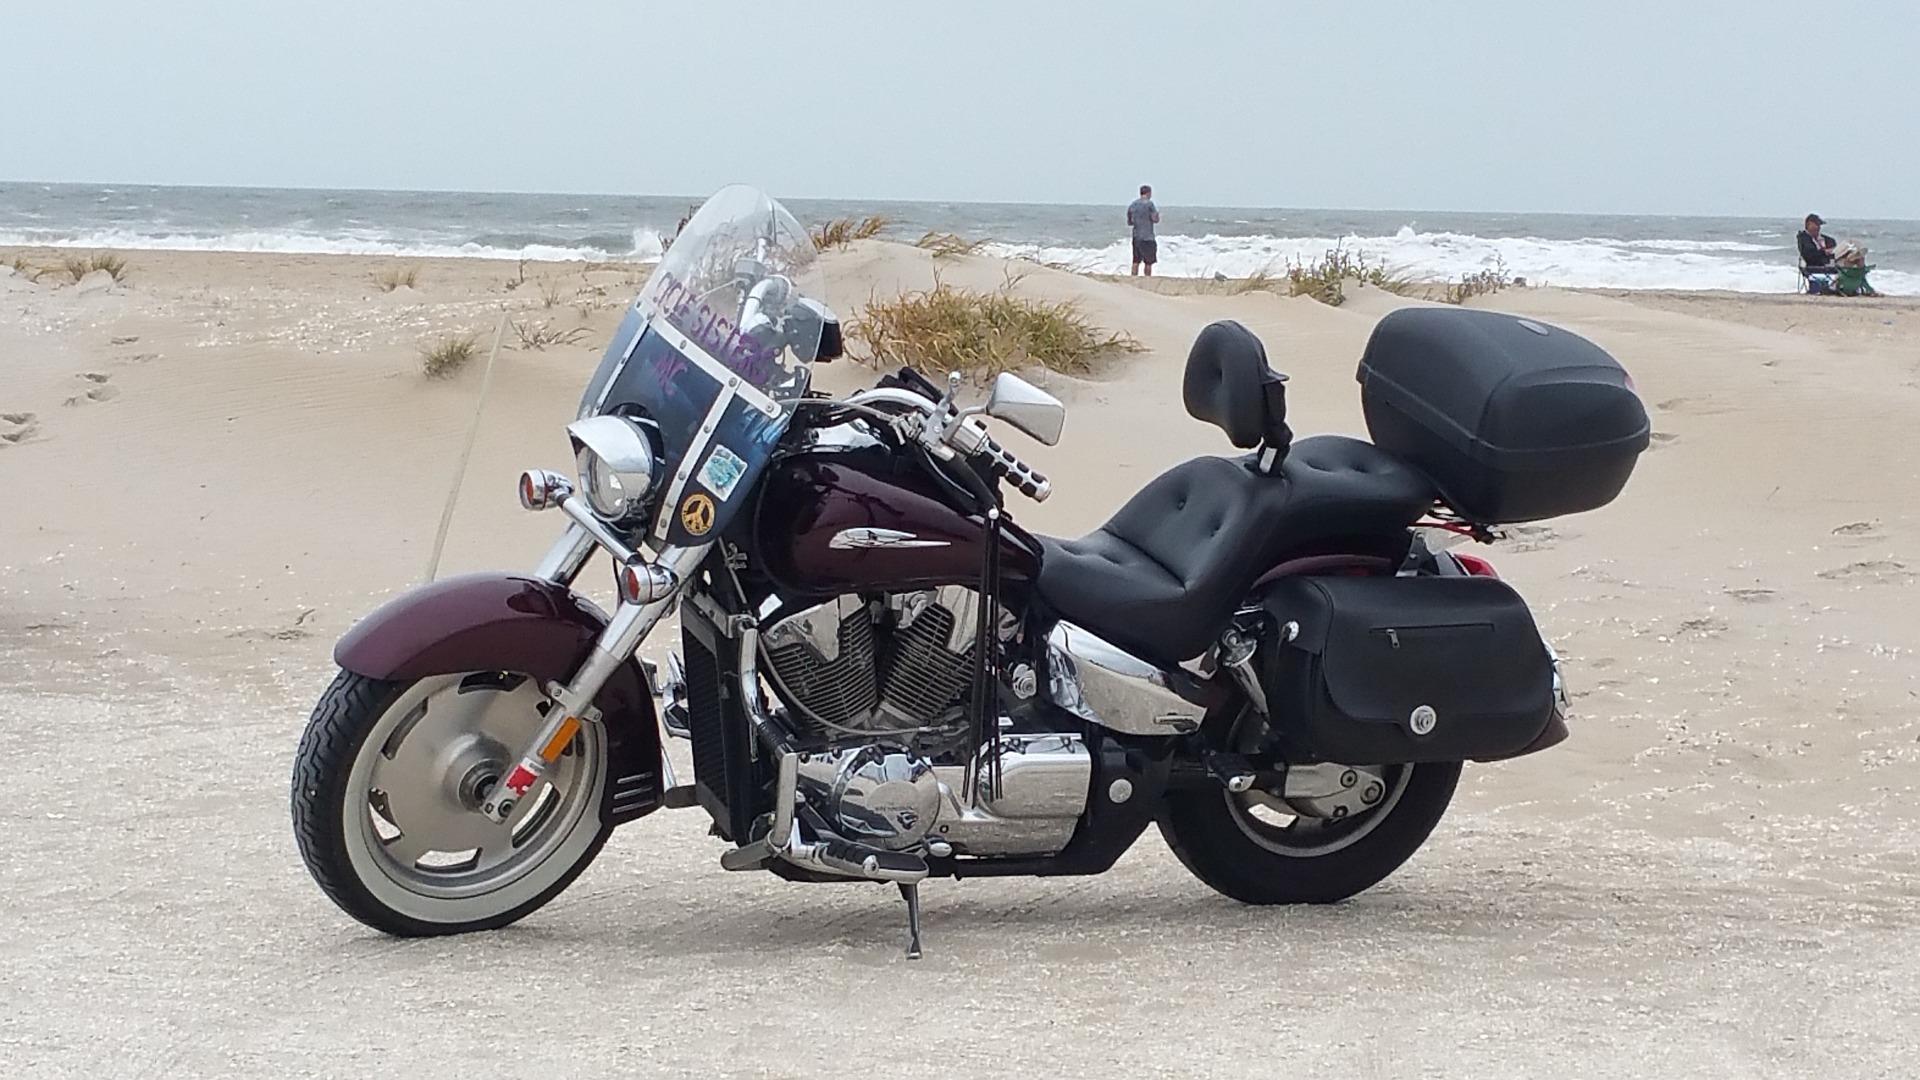 Moto comprada con un préstamo moto